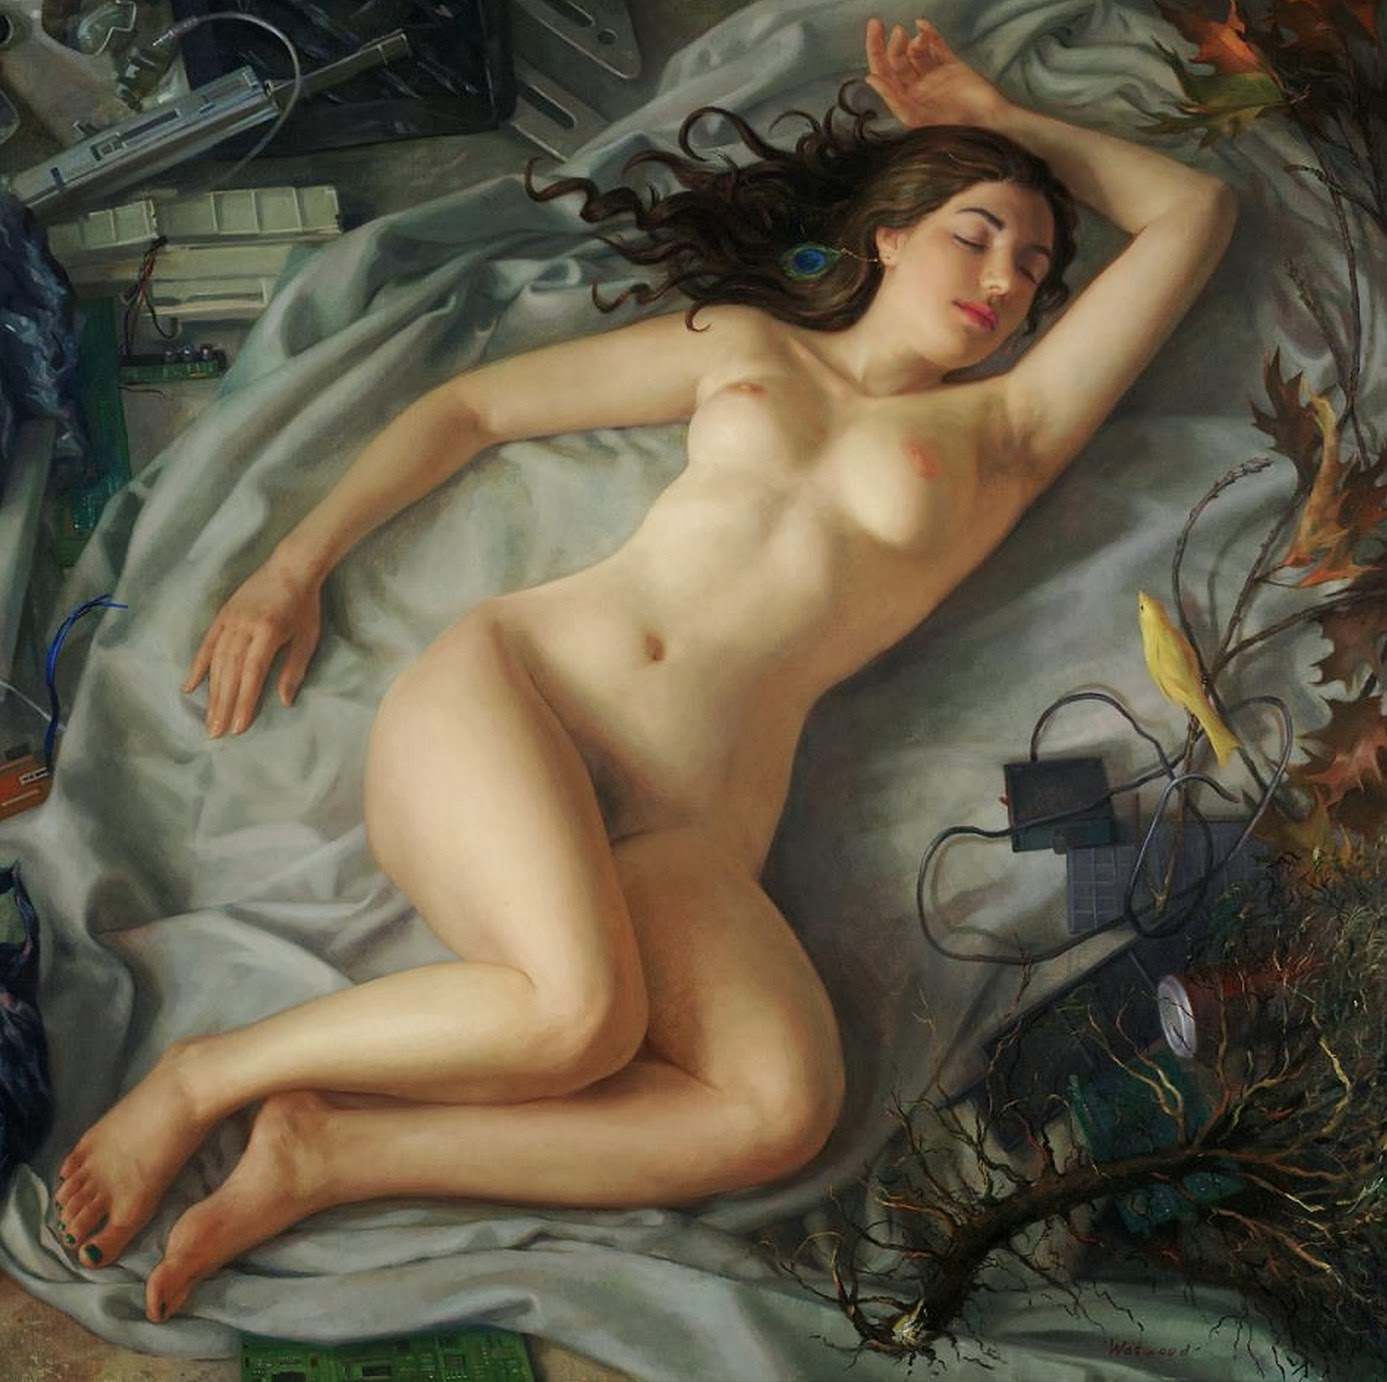 MUJERES DORMIDAS Mujeres-dormidas